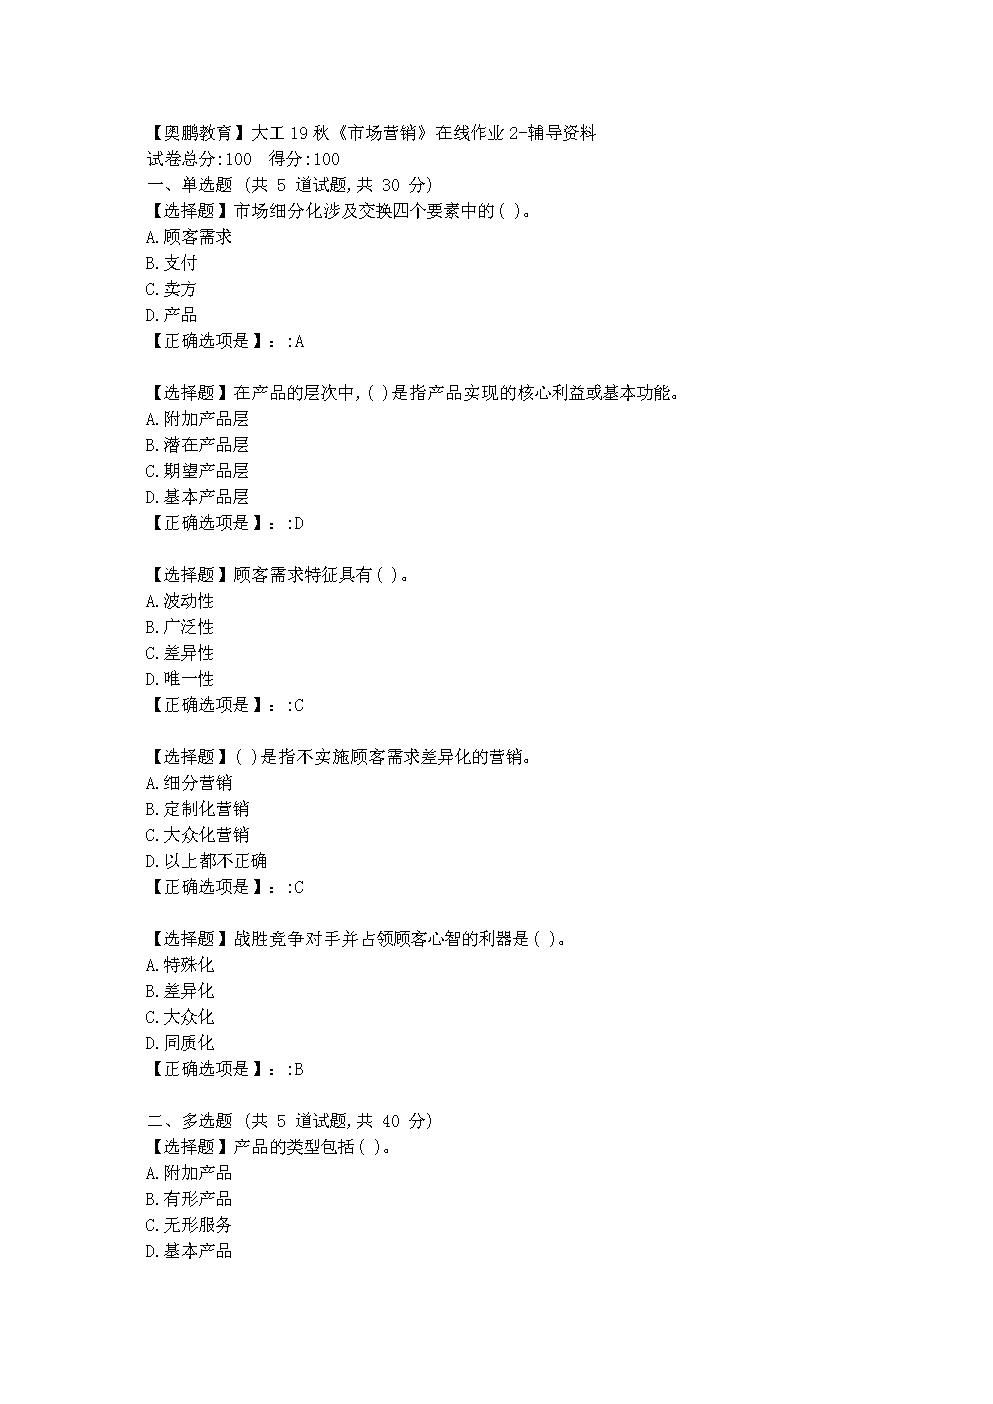 大连理工大学19秋《市场营销》在线作业2学习资料.doc